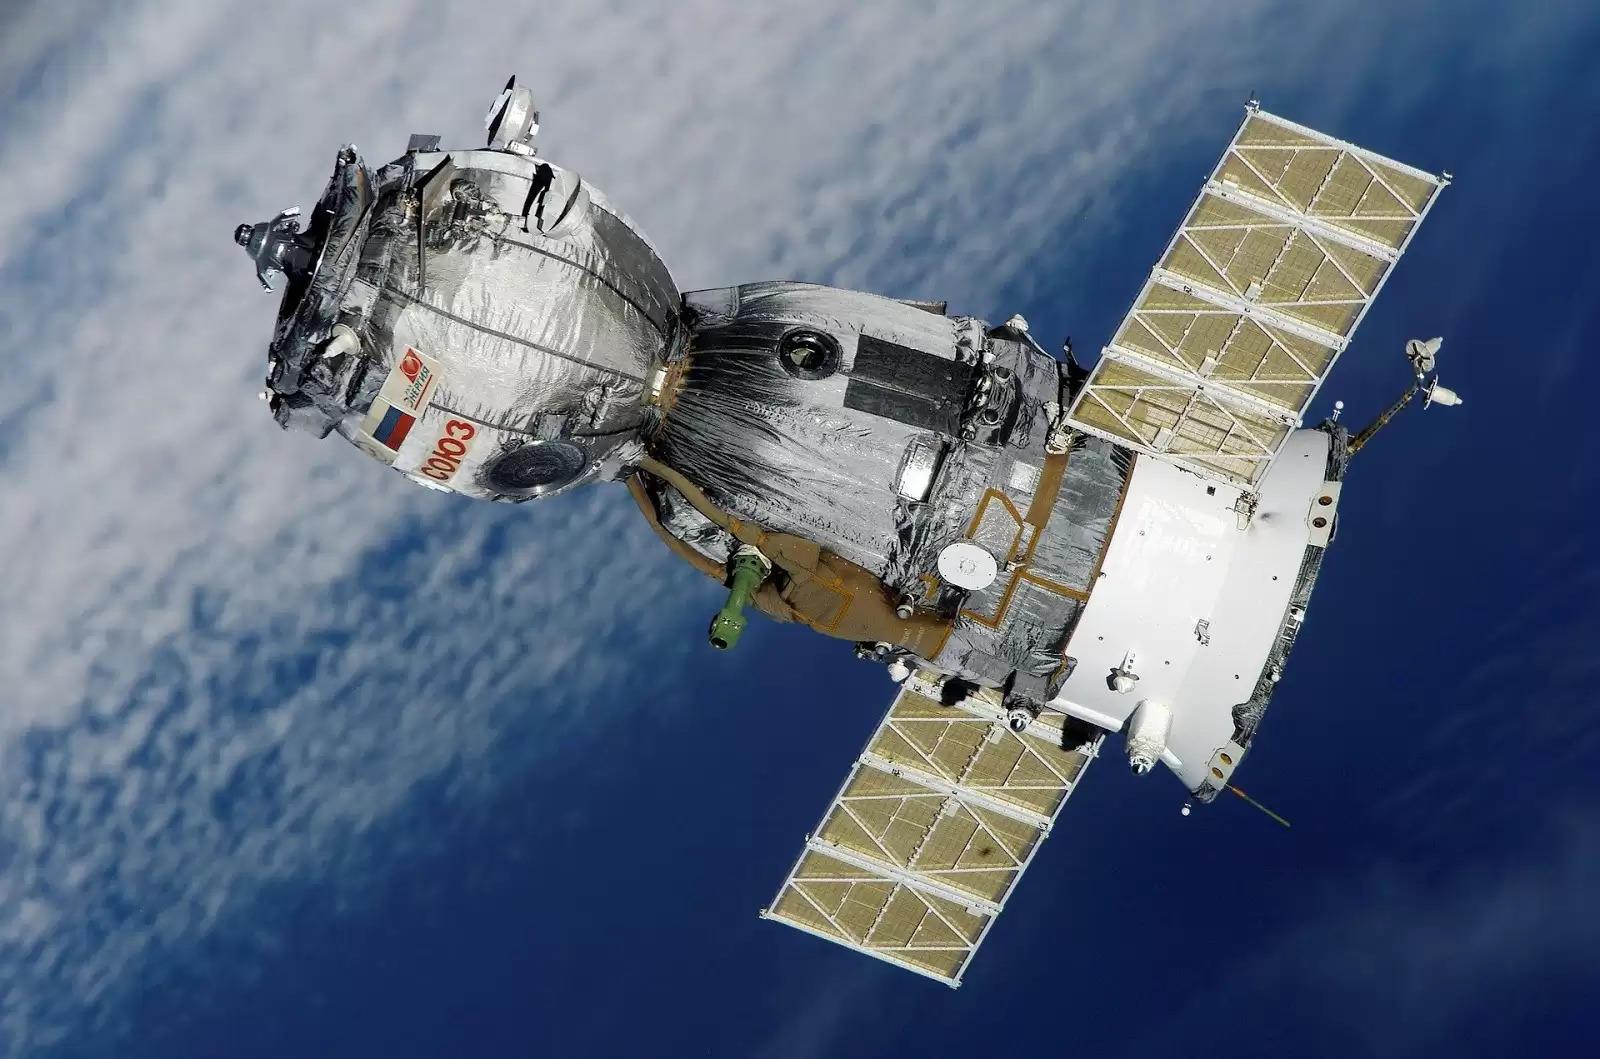 स्पेसवॉकिंग एस्ट्रोनॉट्स सोलर एरेज़ स्थापित करने के लिए, स्पेस स्टेशन पावर अपग्रेड शुरू करेंगे